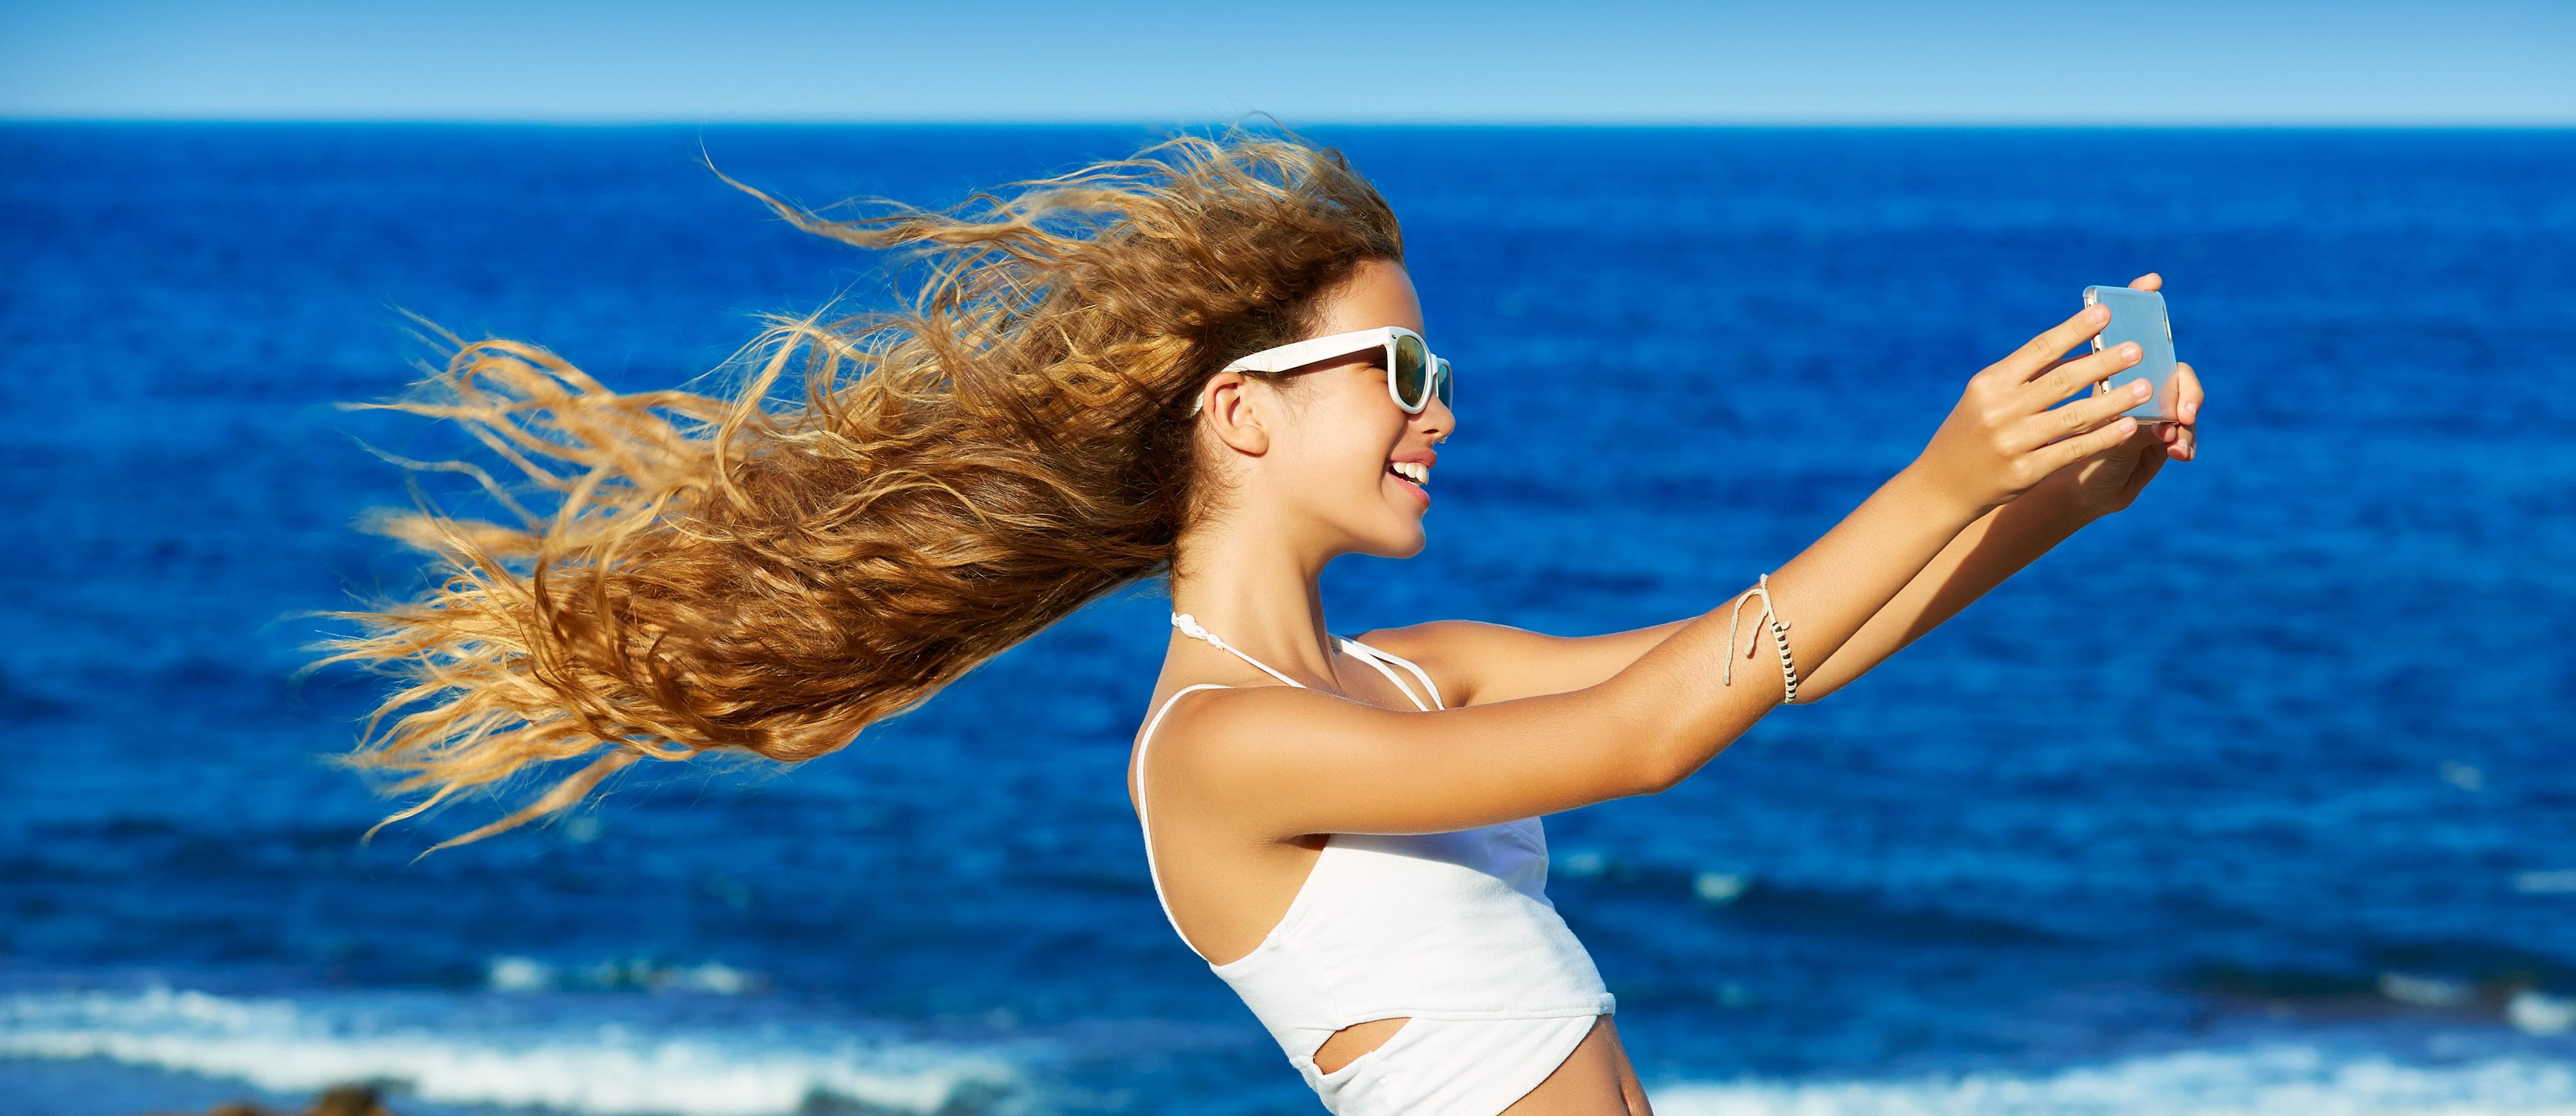 cheveux ete protection soleil 2